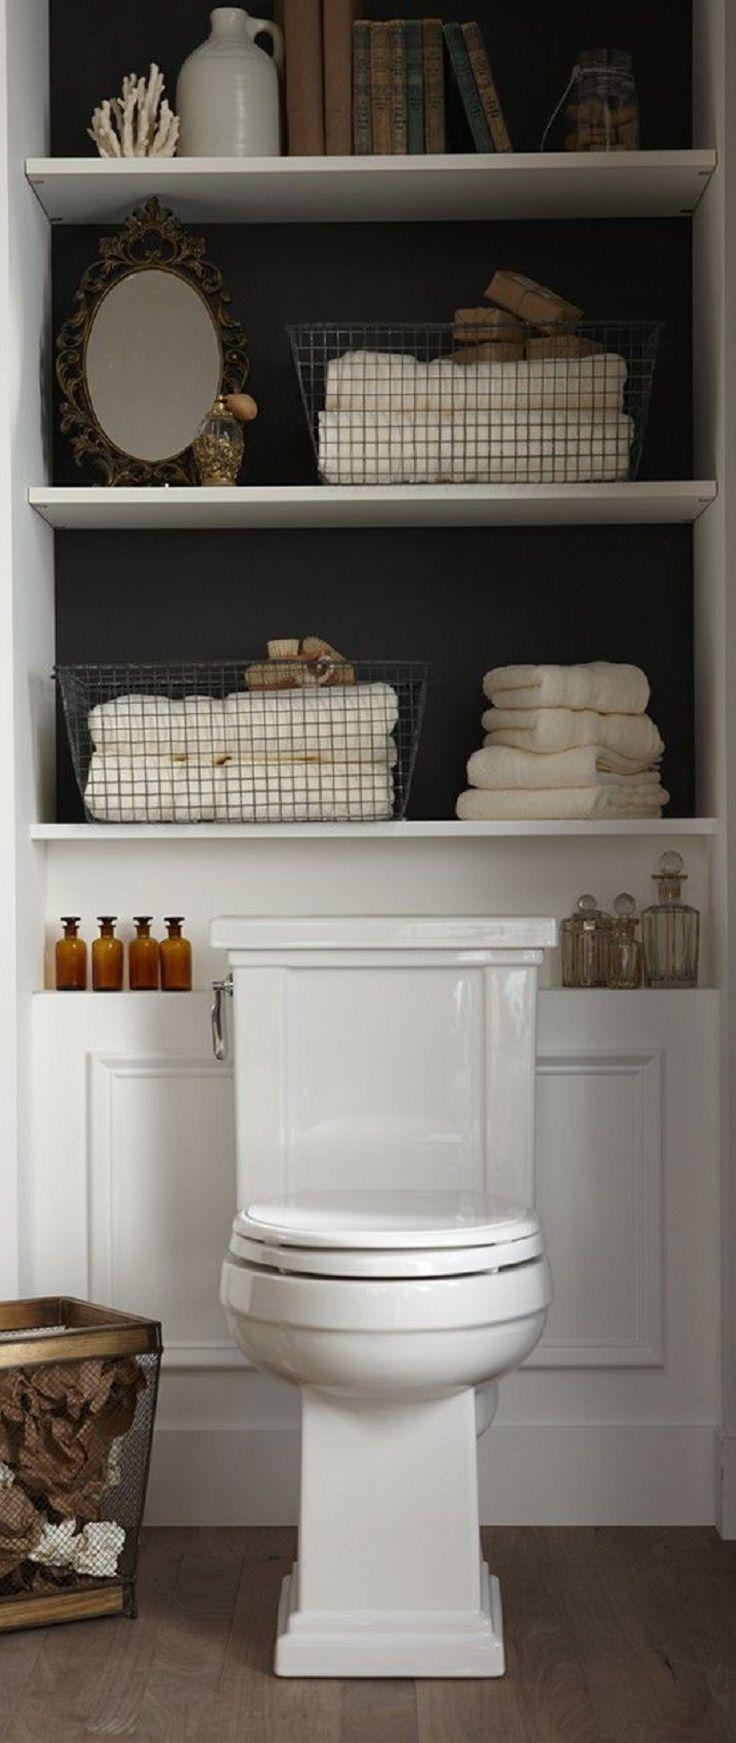 ¿Tienes un espacio encima del inodoro desaprovechado? Podría ser perfecto para  unas estanterías abiertas y colocar en ellas desde las toallas hasta unos libros decorativos.